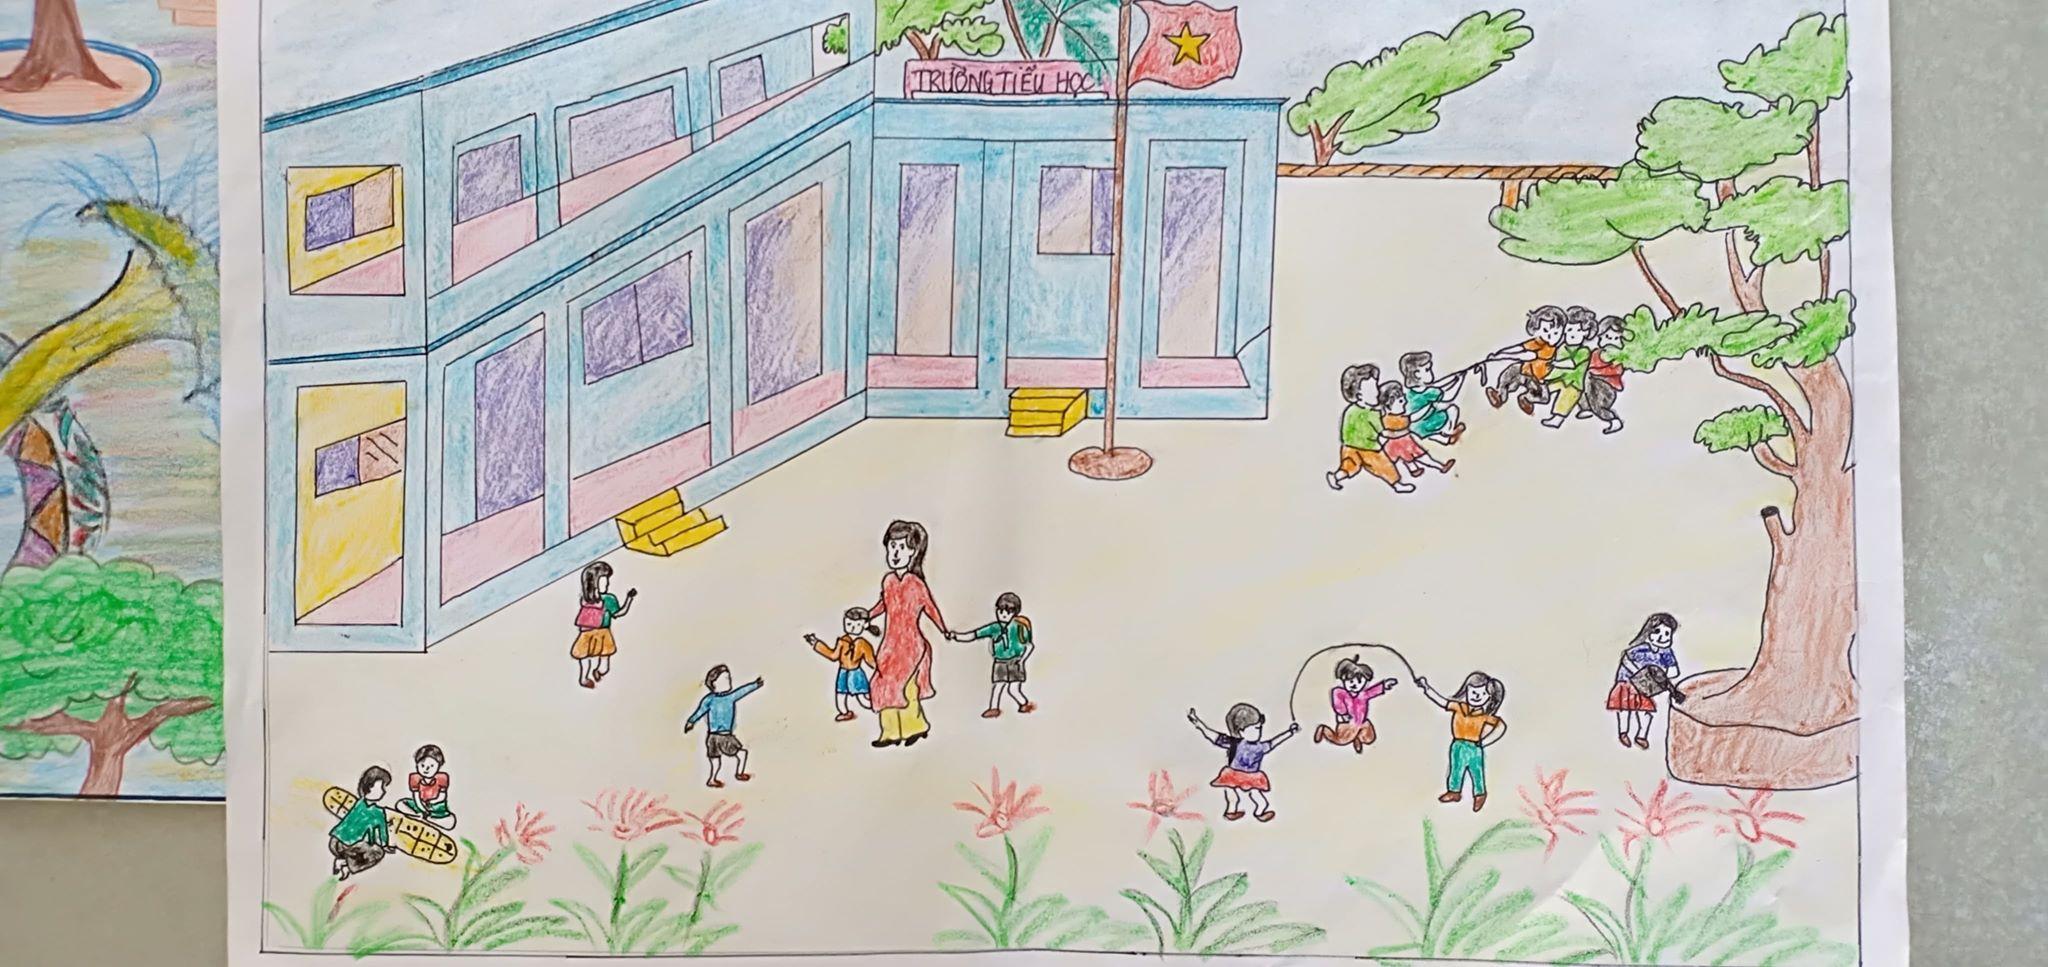 Tranh vẽ ngôi trường của em cực đẹp